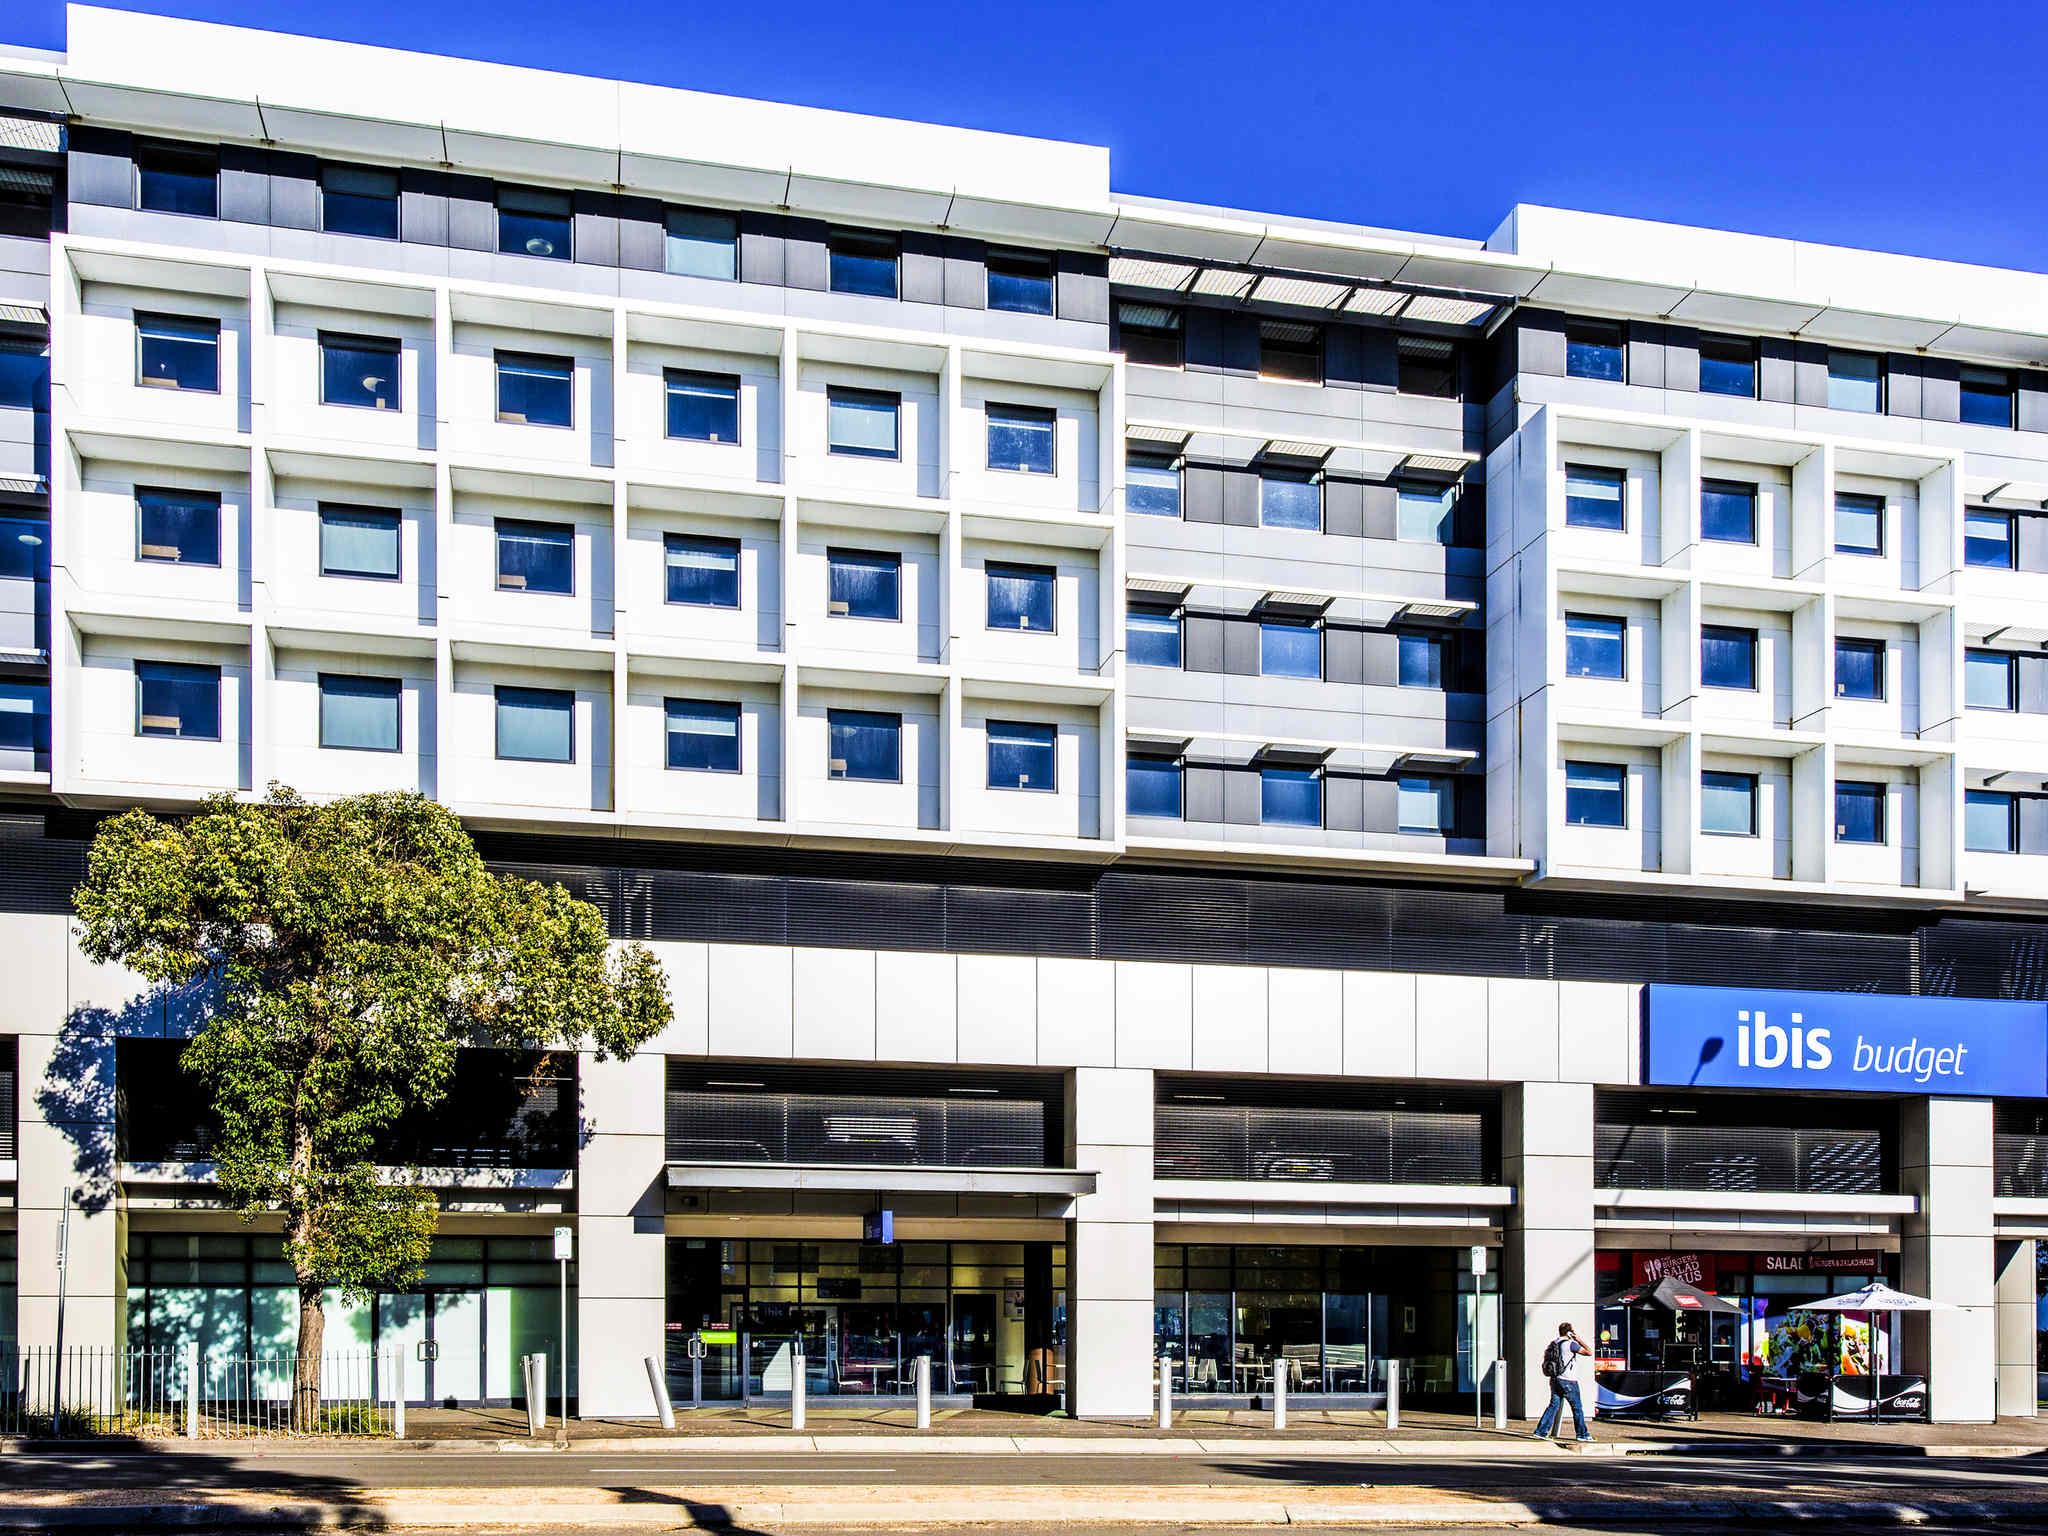 โรงแรม – ไอบิส บัดเจ็ท ซิดนีย์ โอลิมปิก พาร์ค